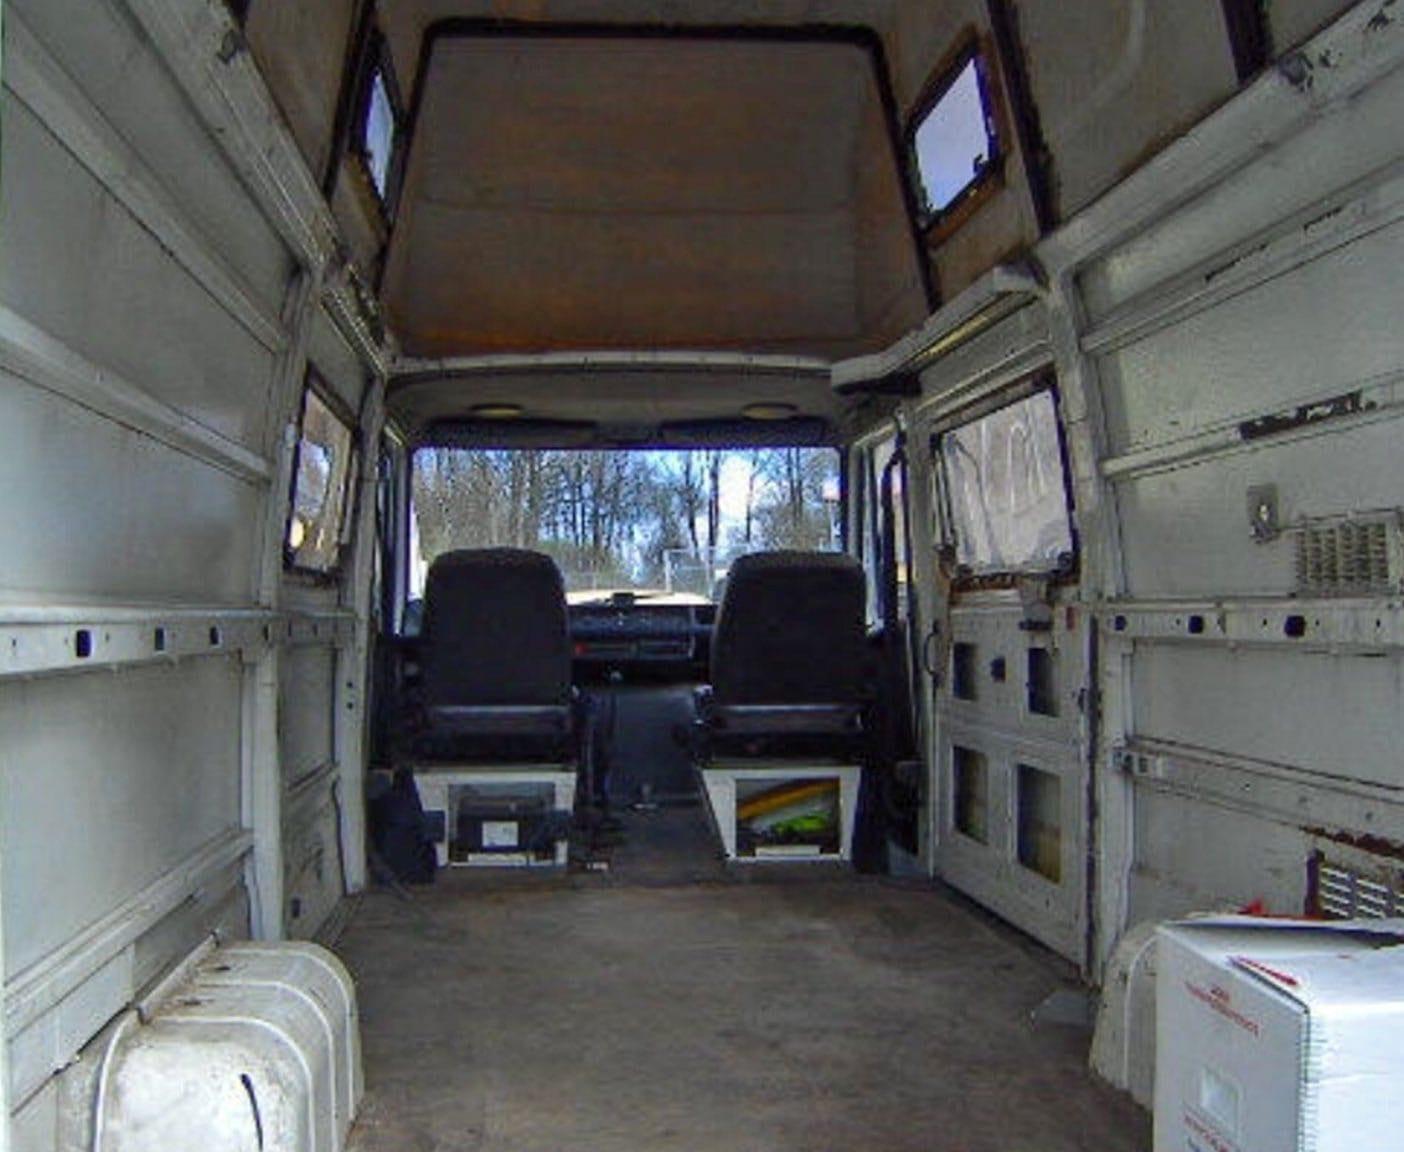 mercedes-benz-T1-207d-207-wohnmobil-kaufen-schwachstellen-ausbau-selbstausbau-motor-technische-daten-ersatzteile-2